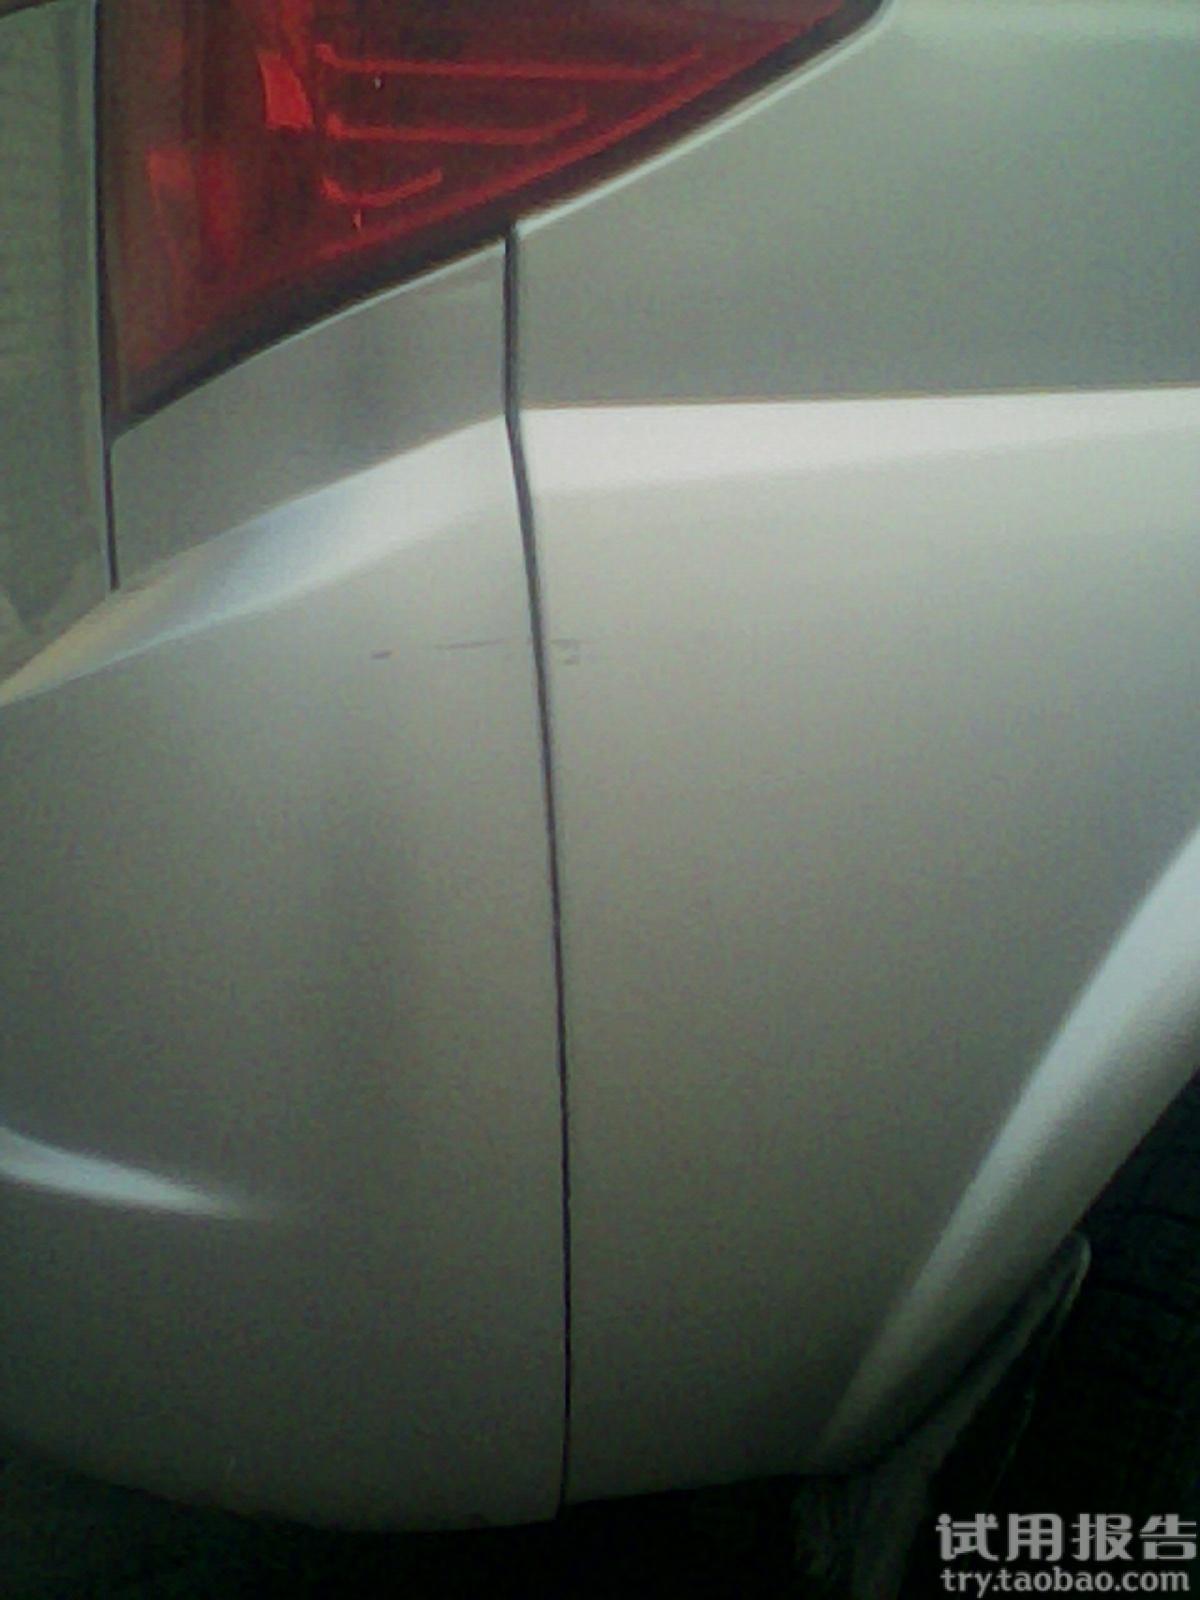 汽车玻璃划痕可以抛光吗高清图片